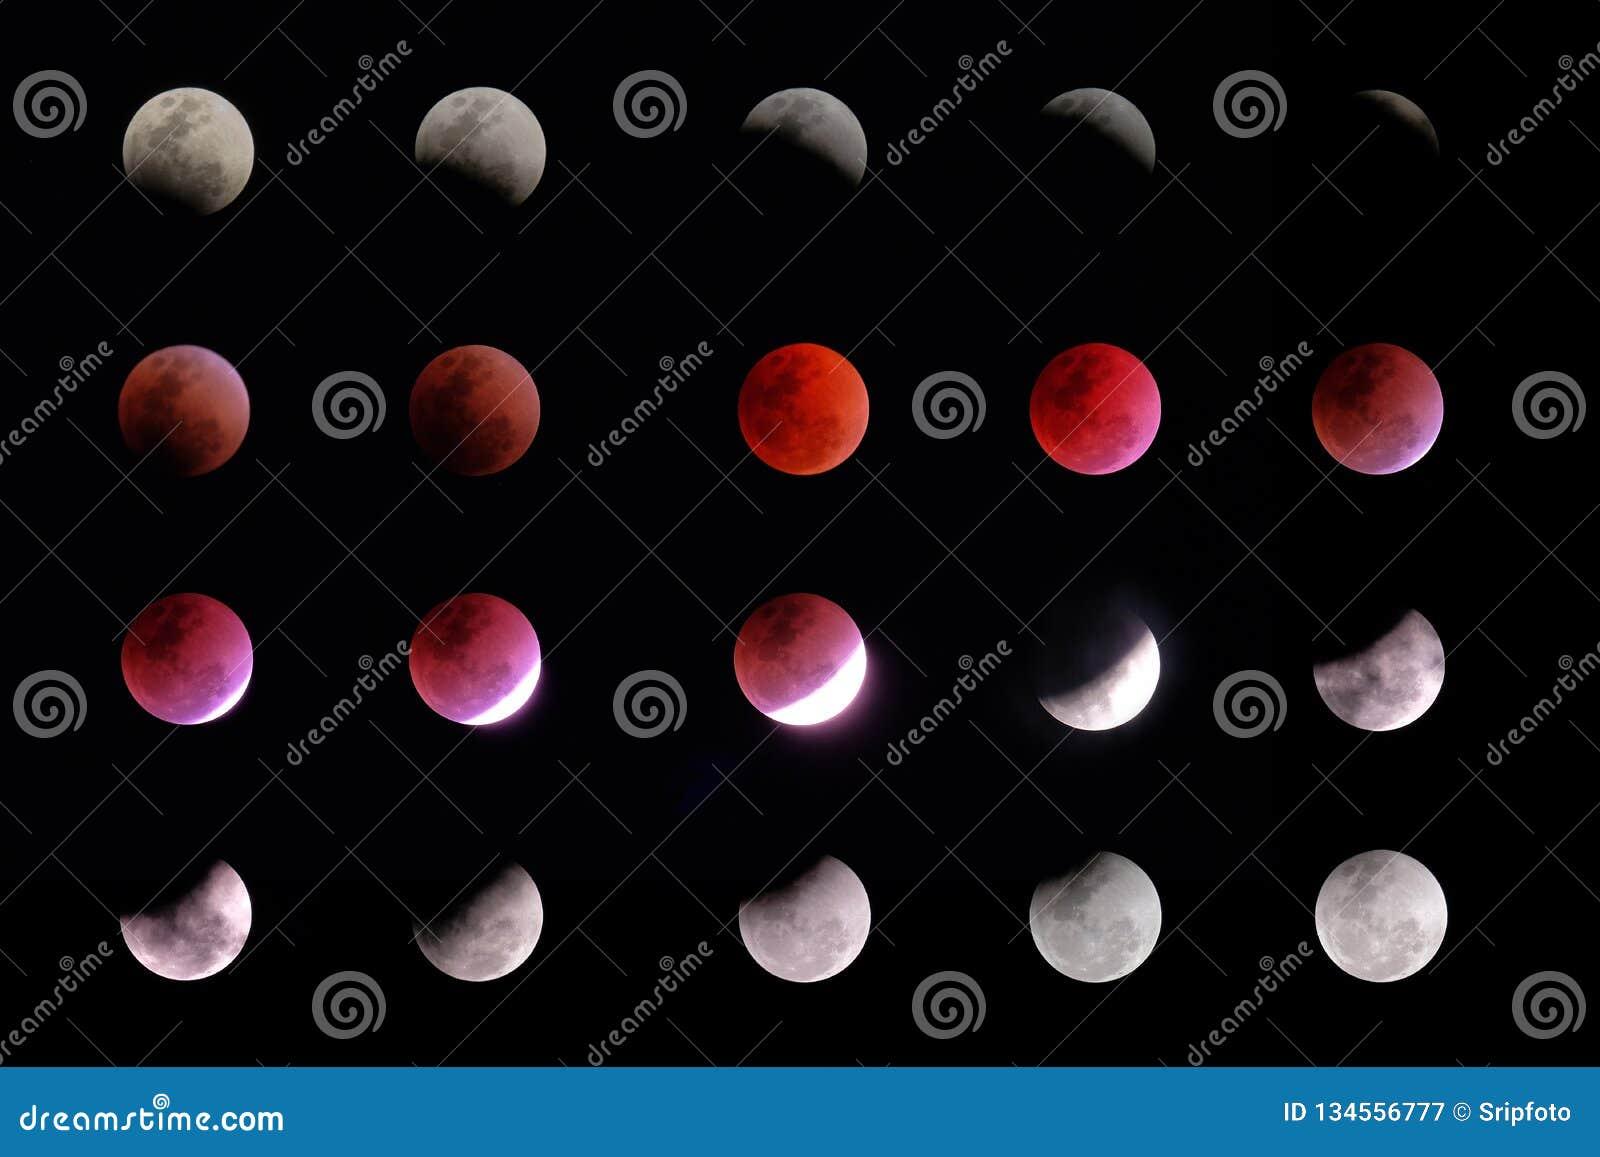 Phasen der Mondeklipse